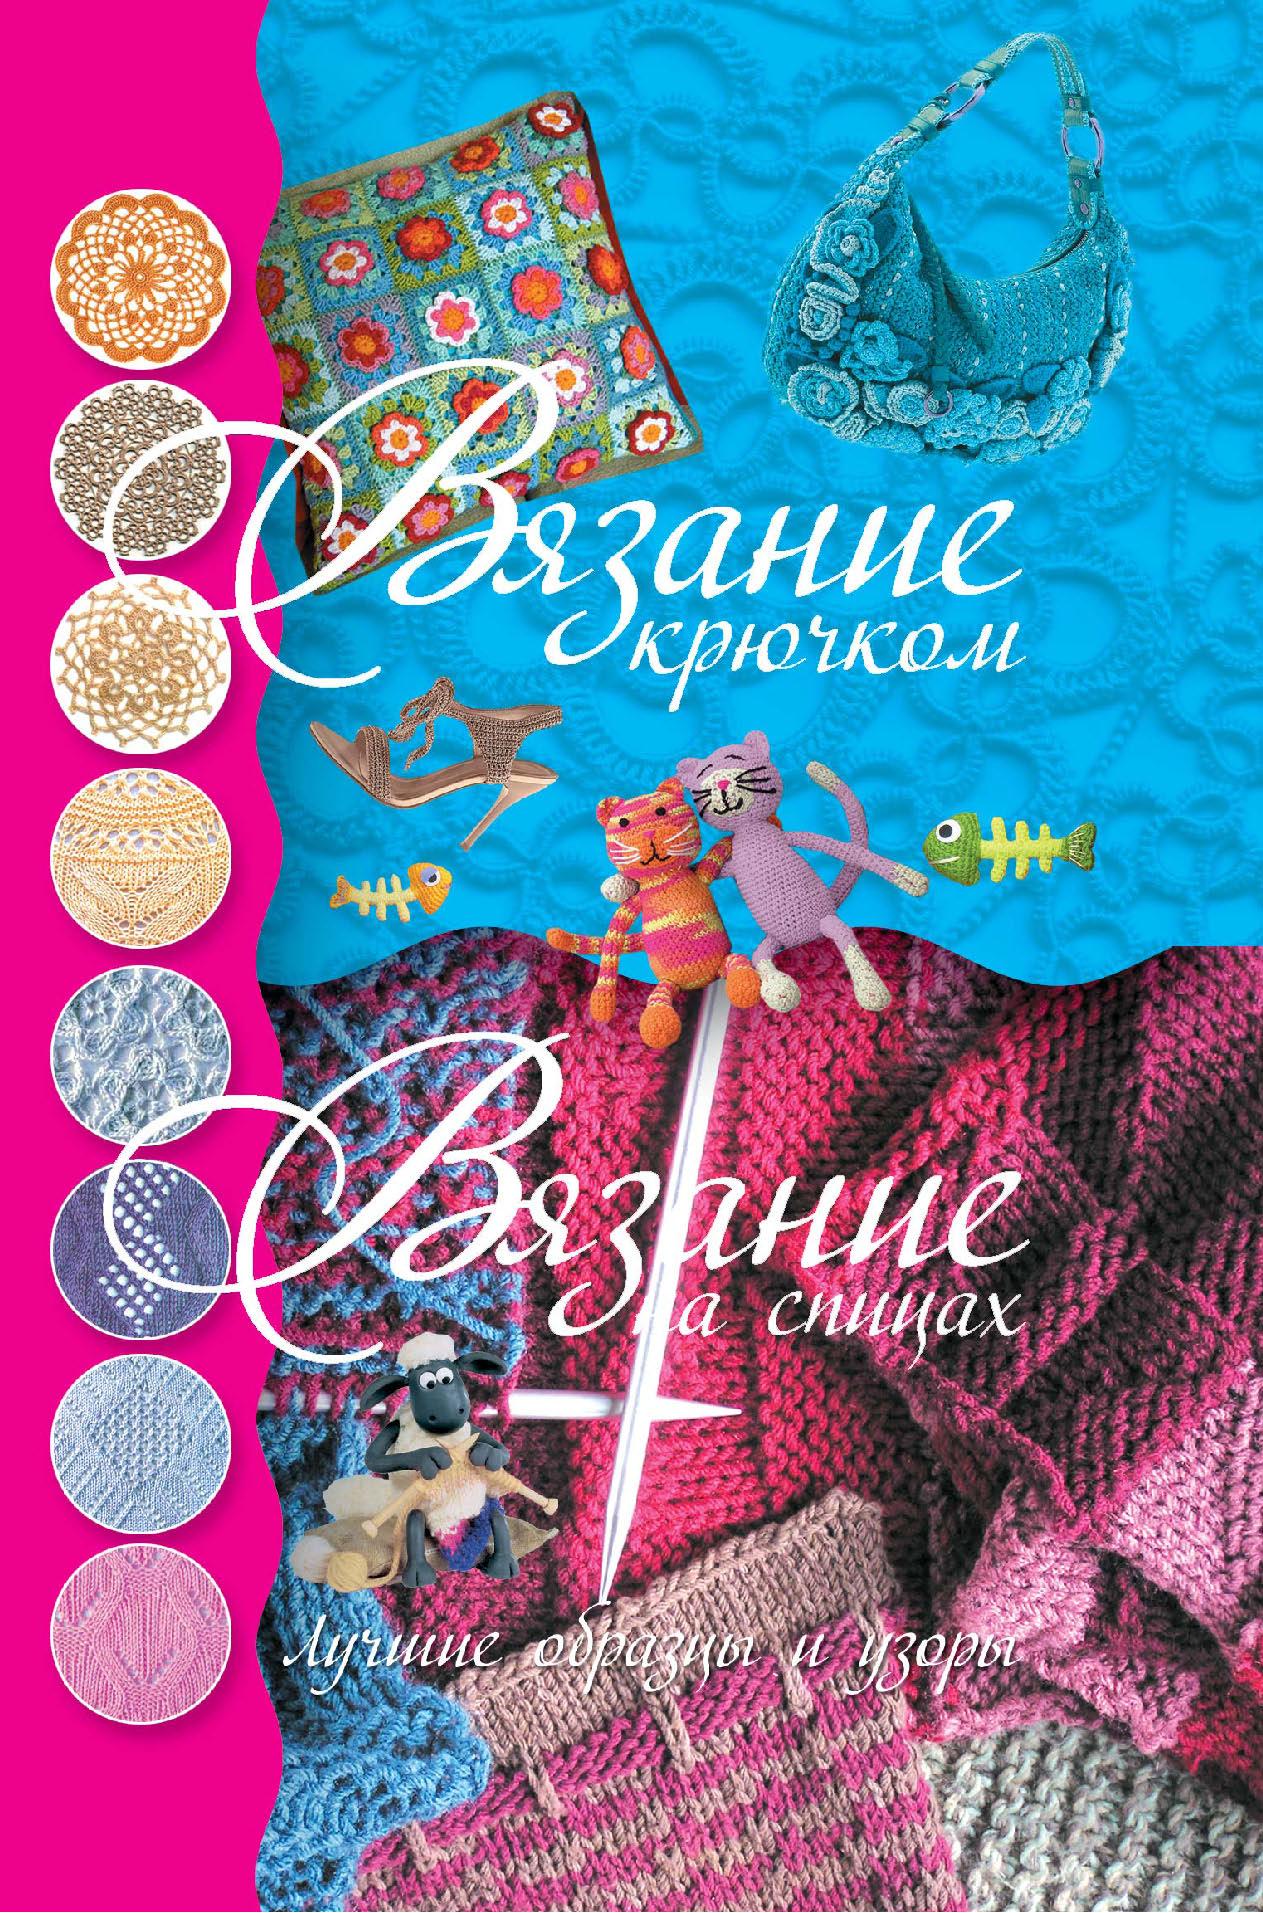 Мария Балашова Вязание крючком. Вязание на спицах. Лучшие образцы и узоры цена 2017